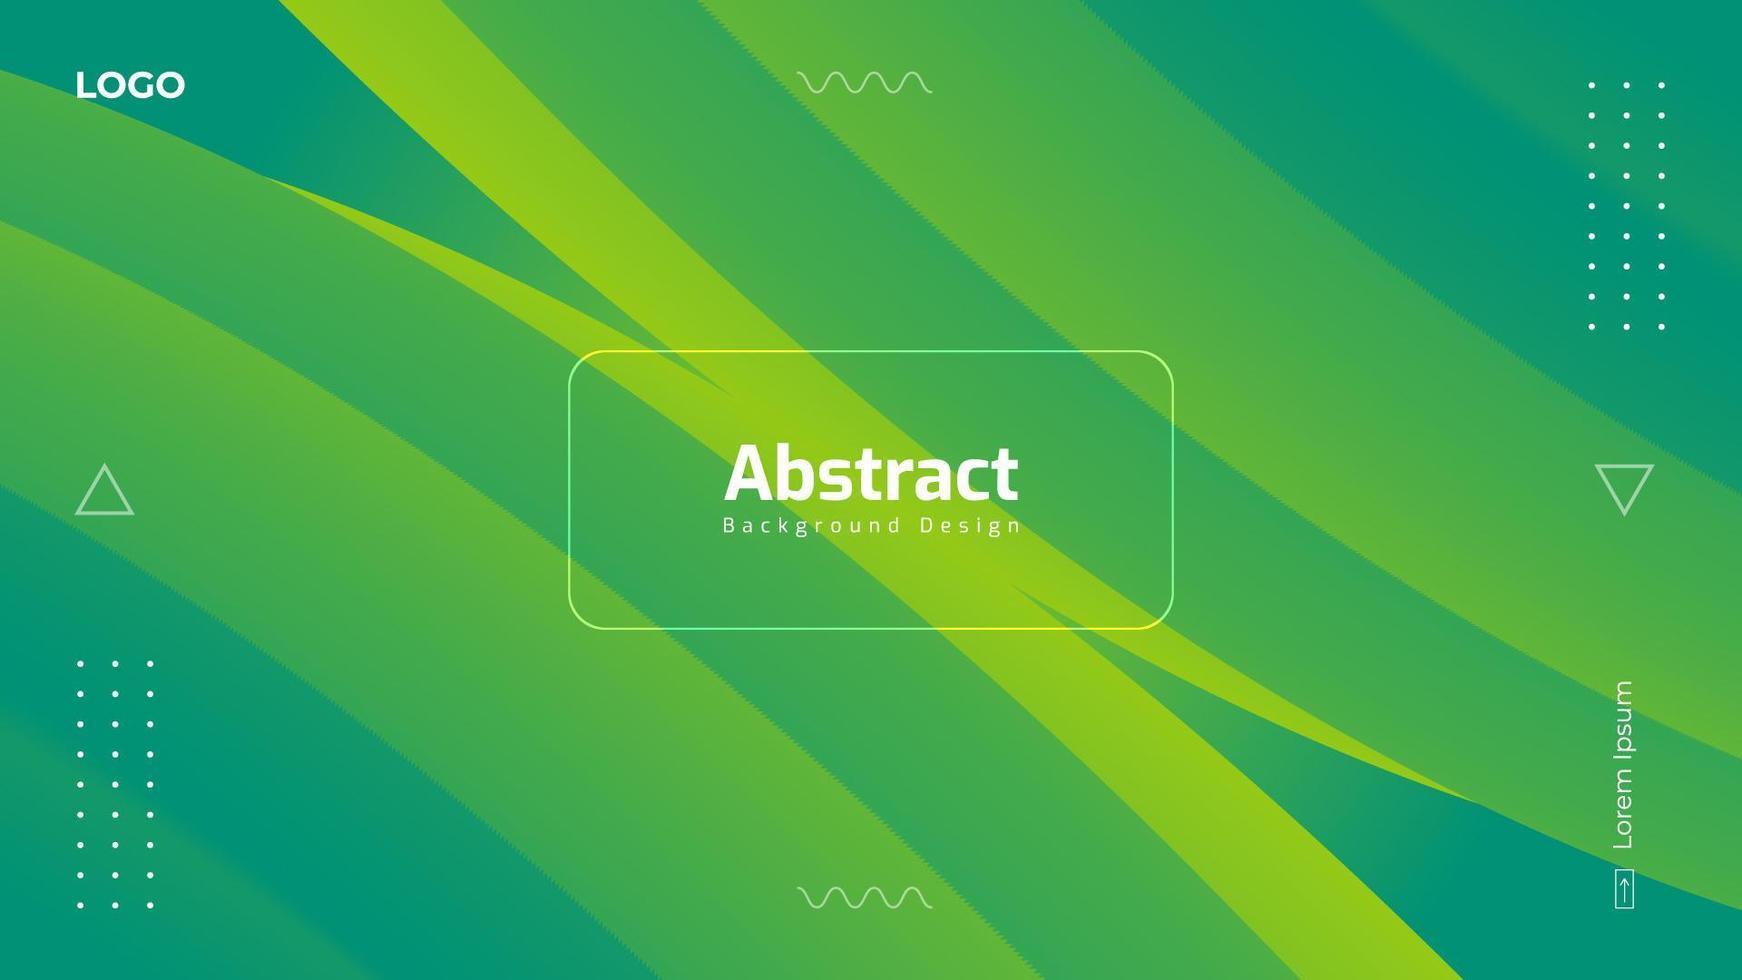 diseño de fondo fluido degradado abstracto vector